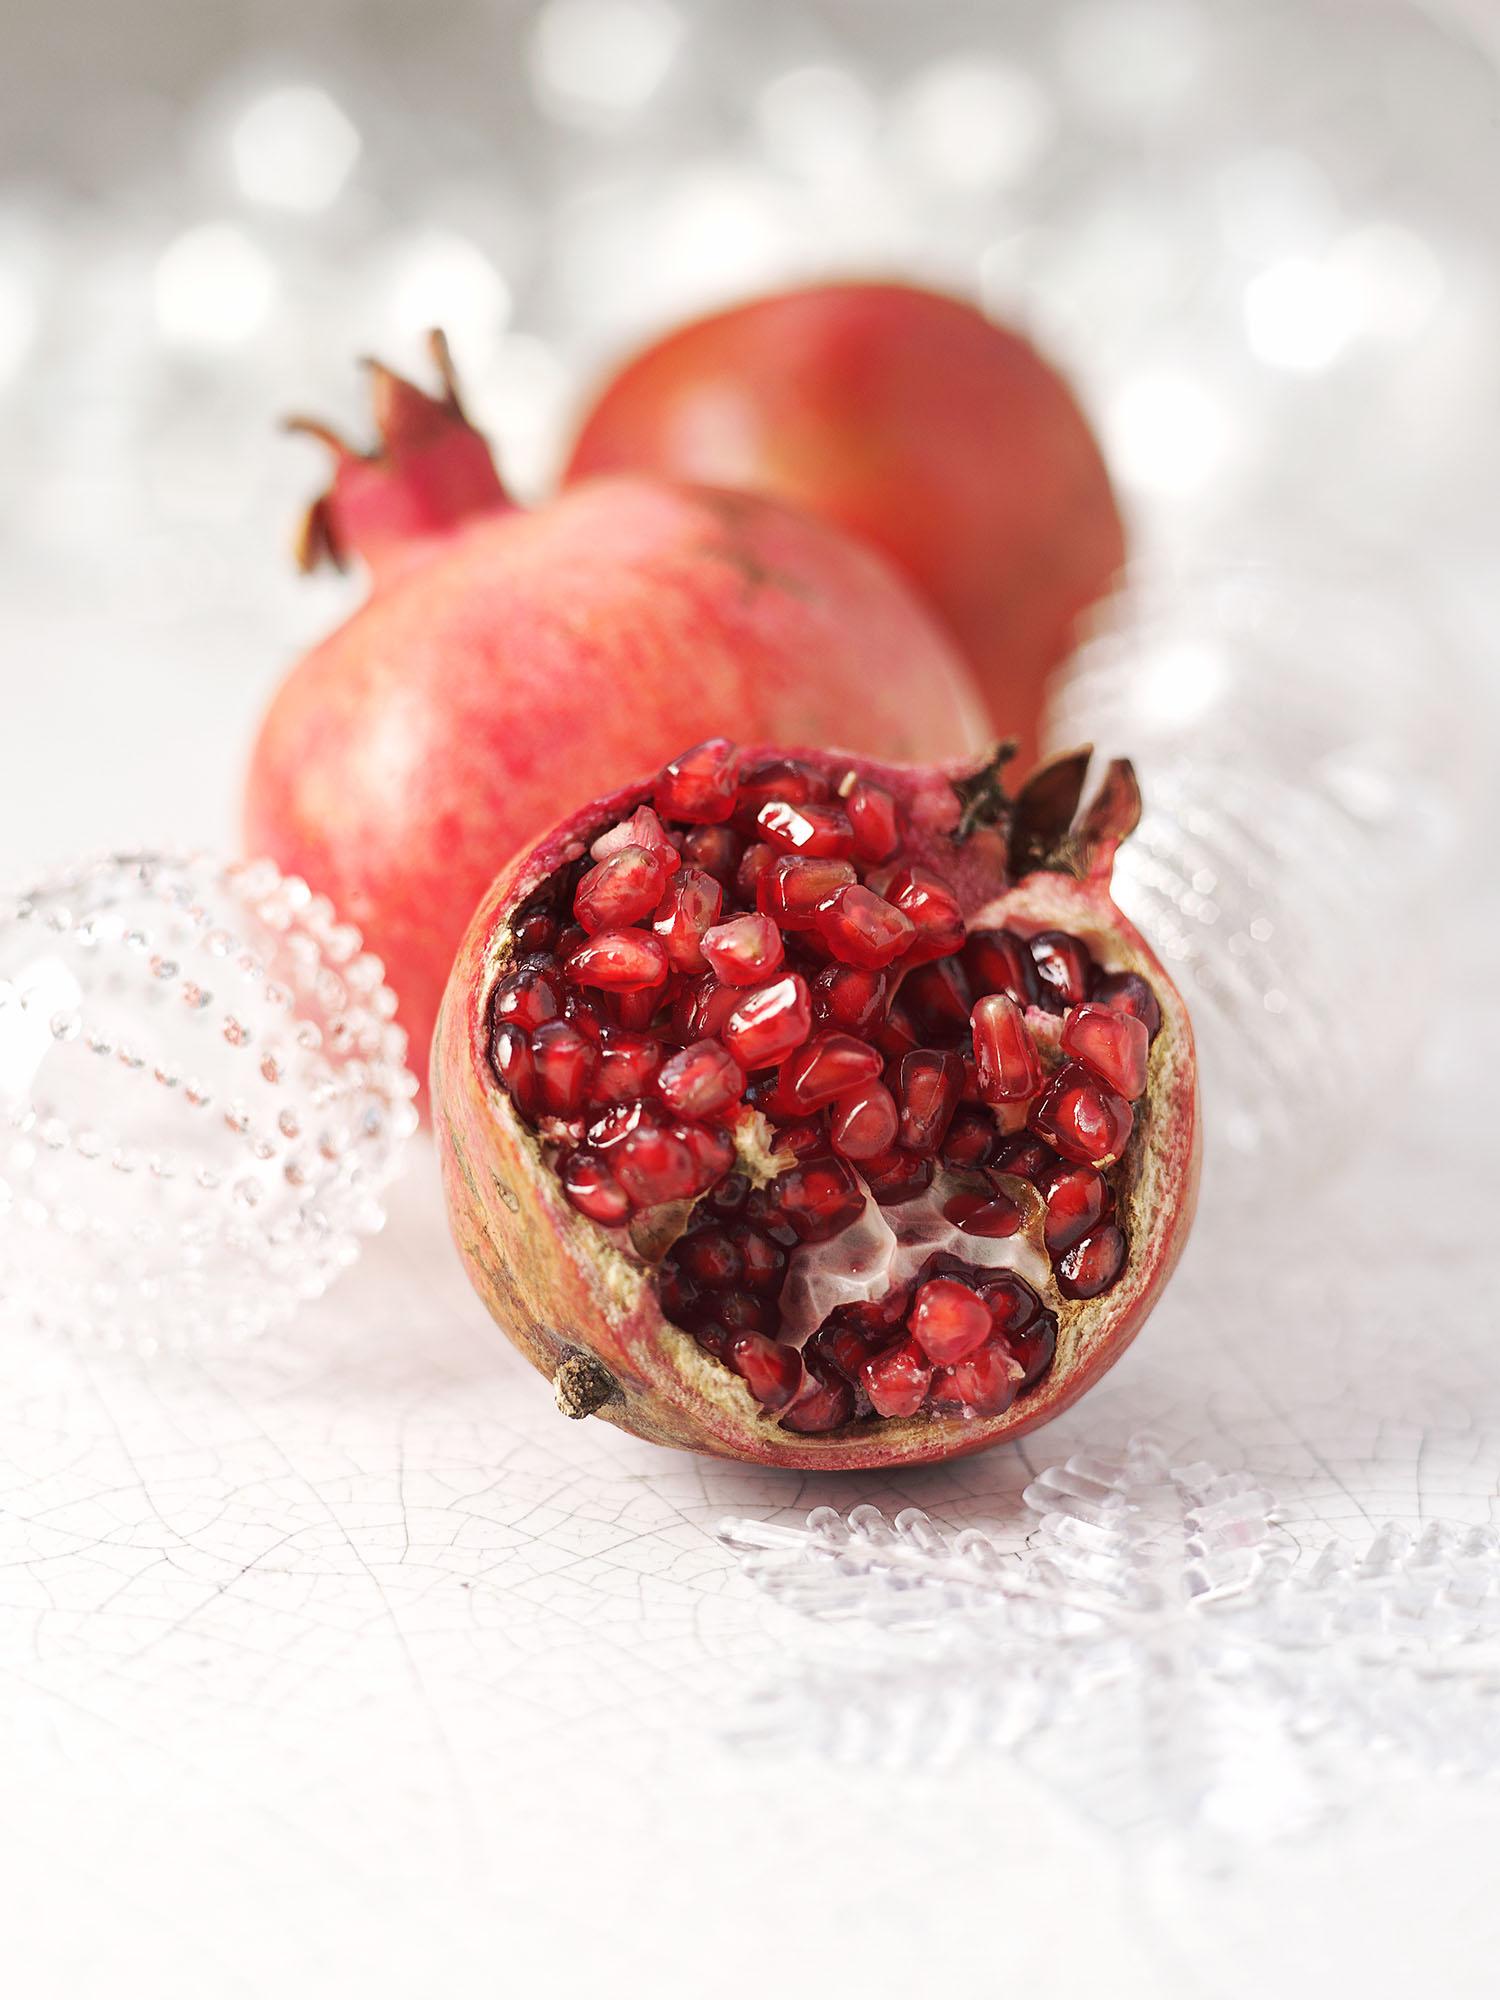 Food Photography Photographer London UK Pomegranate Christmas